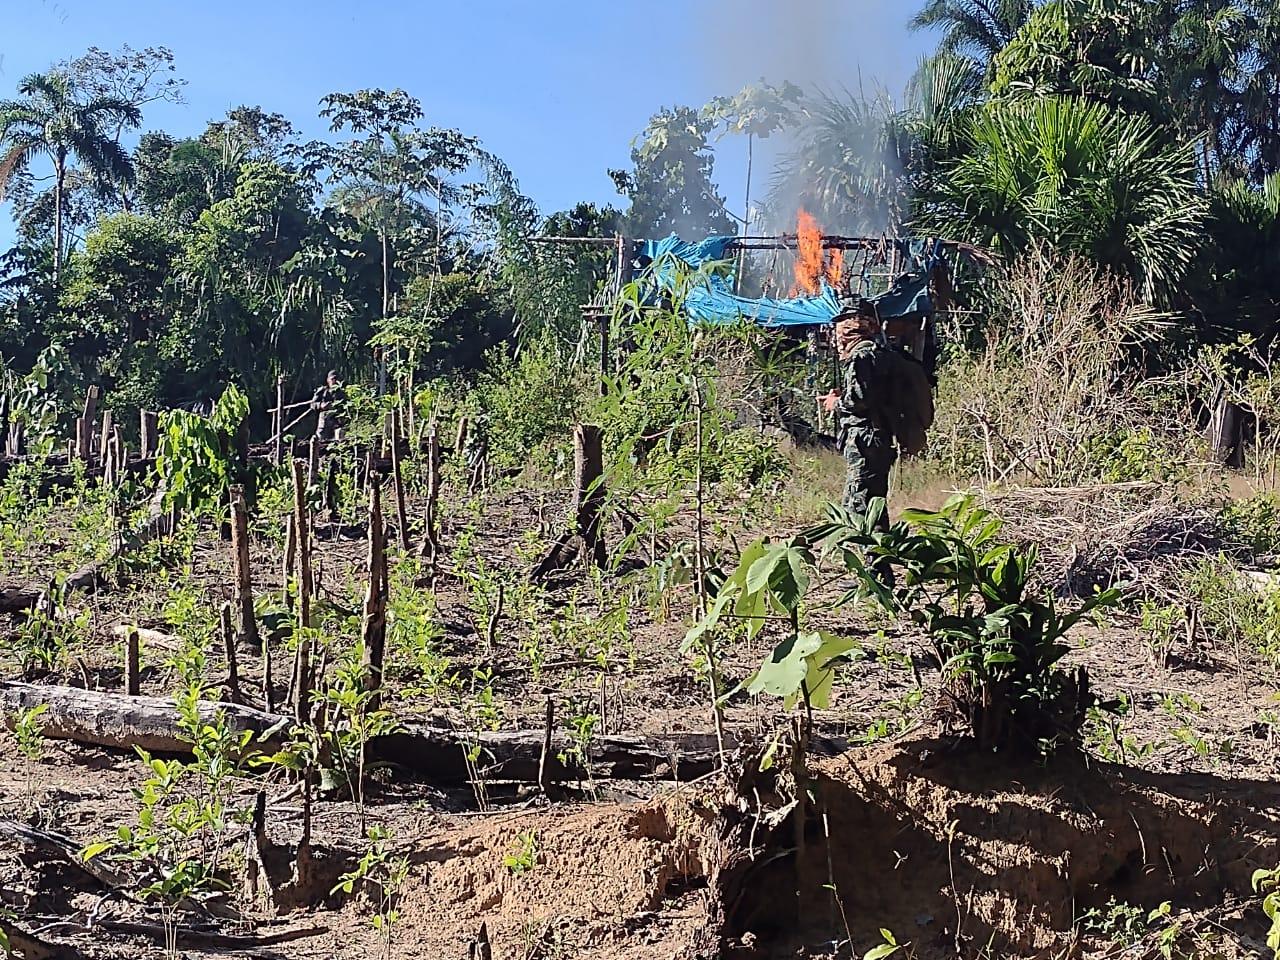 Comunidad indígena de Ucayali pide auxilio al Ejecutivo por el acoso del narcotráfico